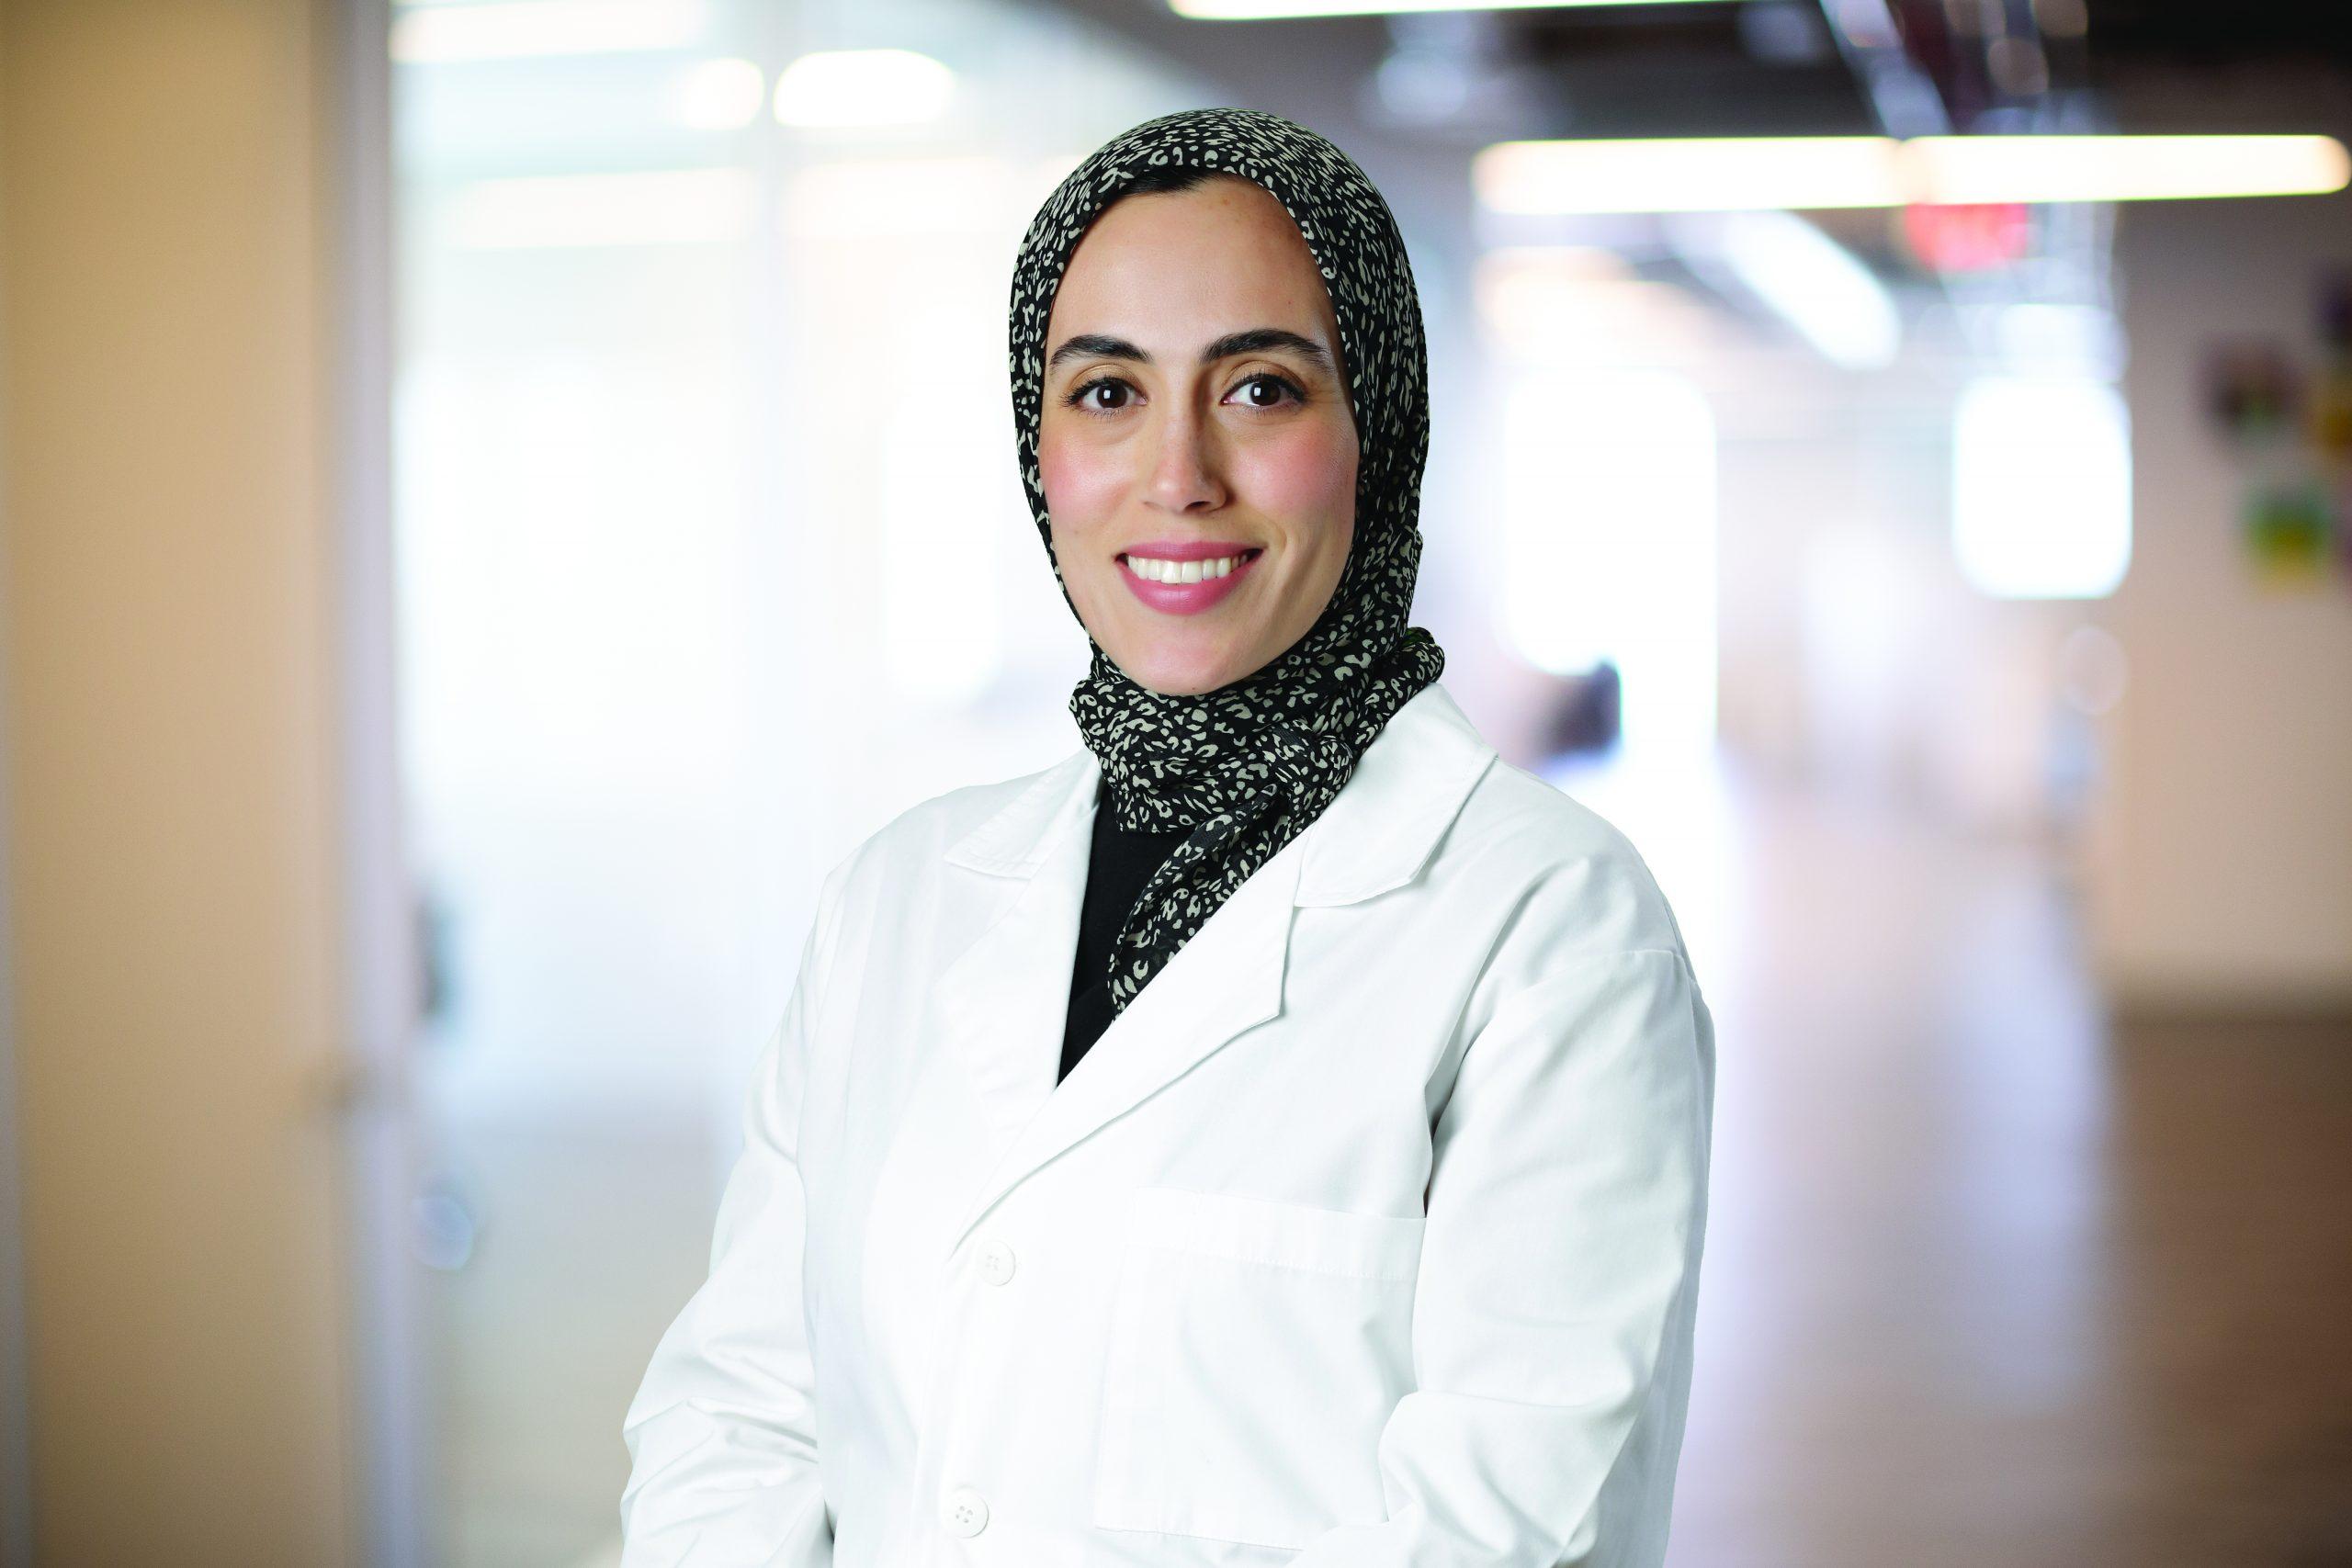 Dr. Razan Barazi